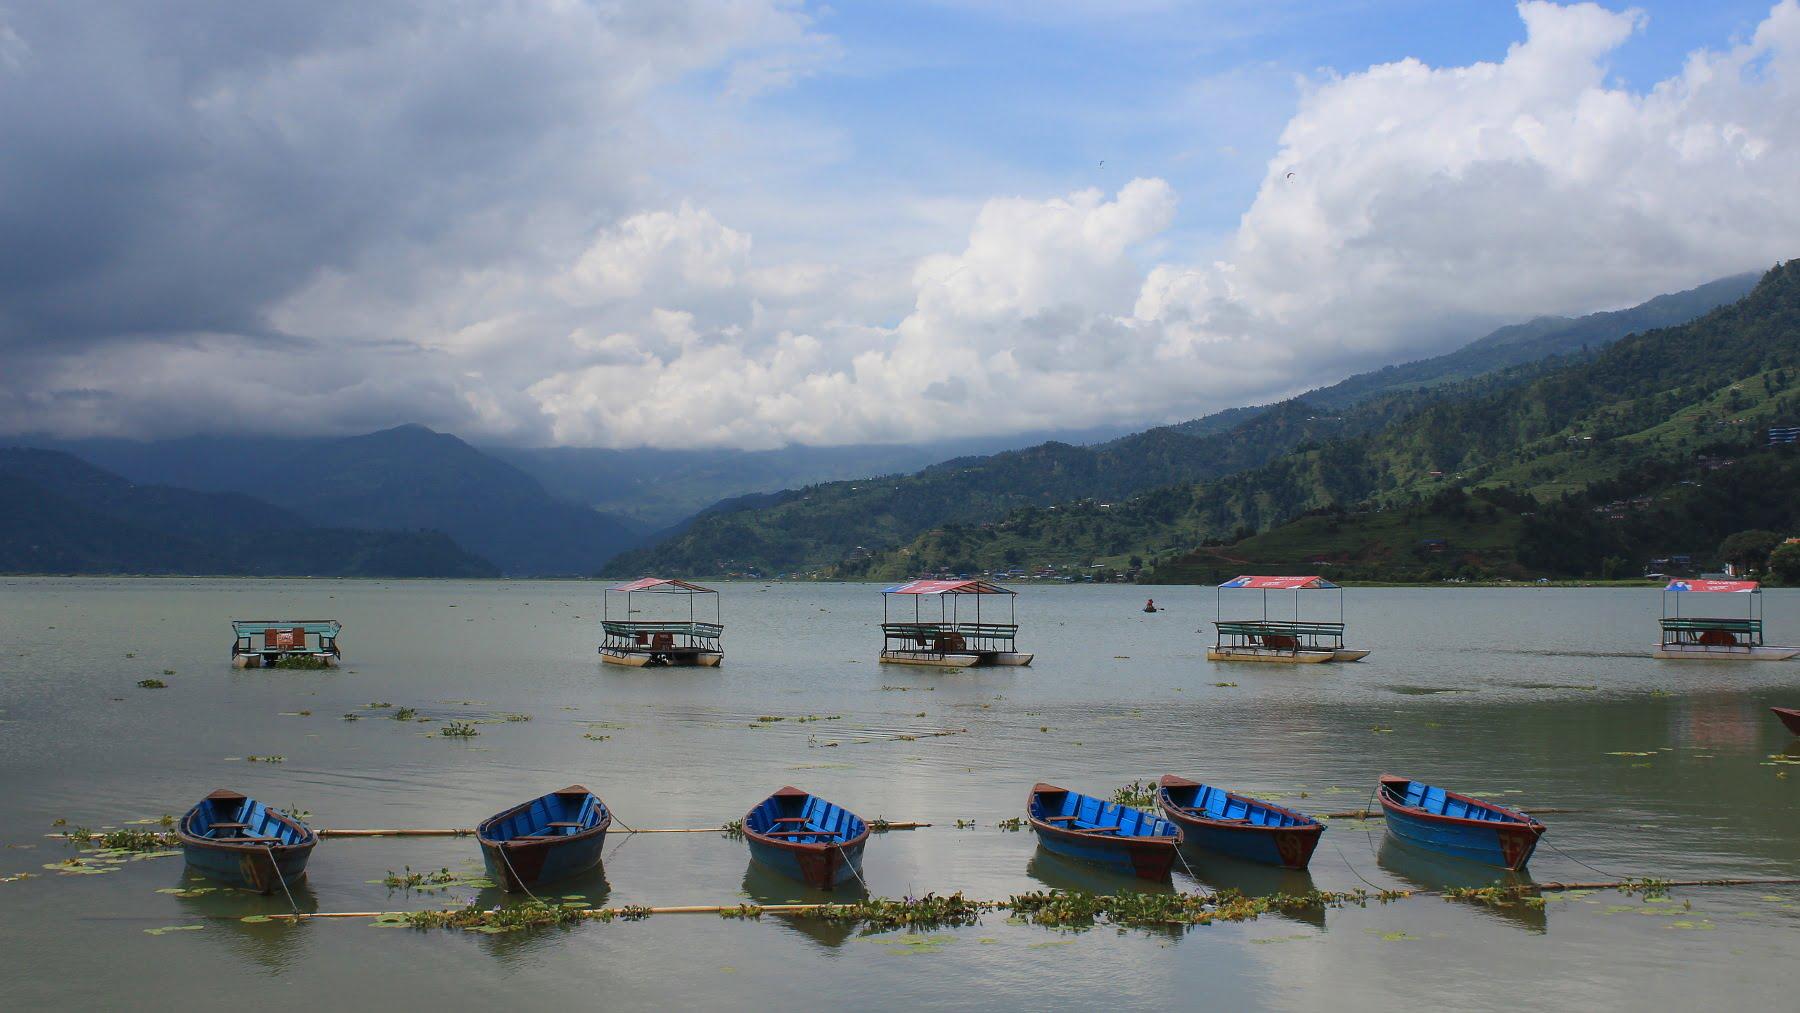 Boats on the Phewa Lake, Pokhara.